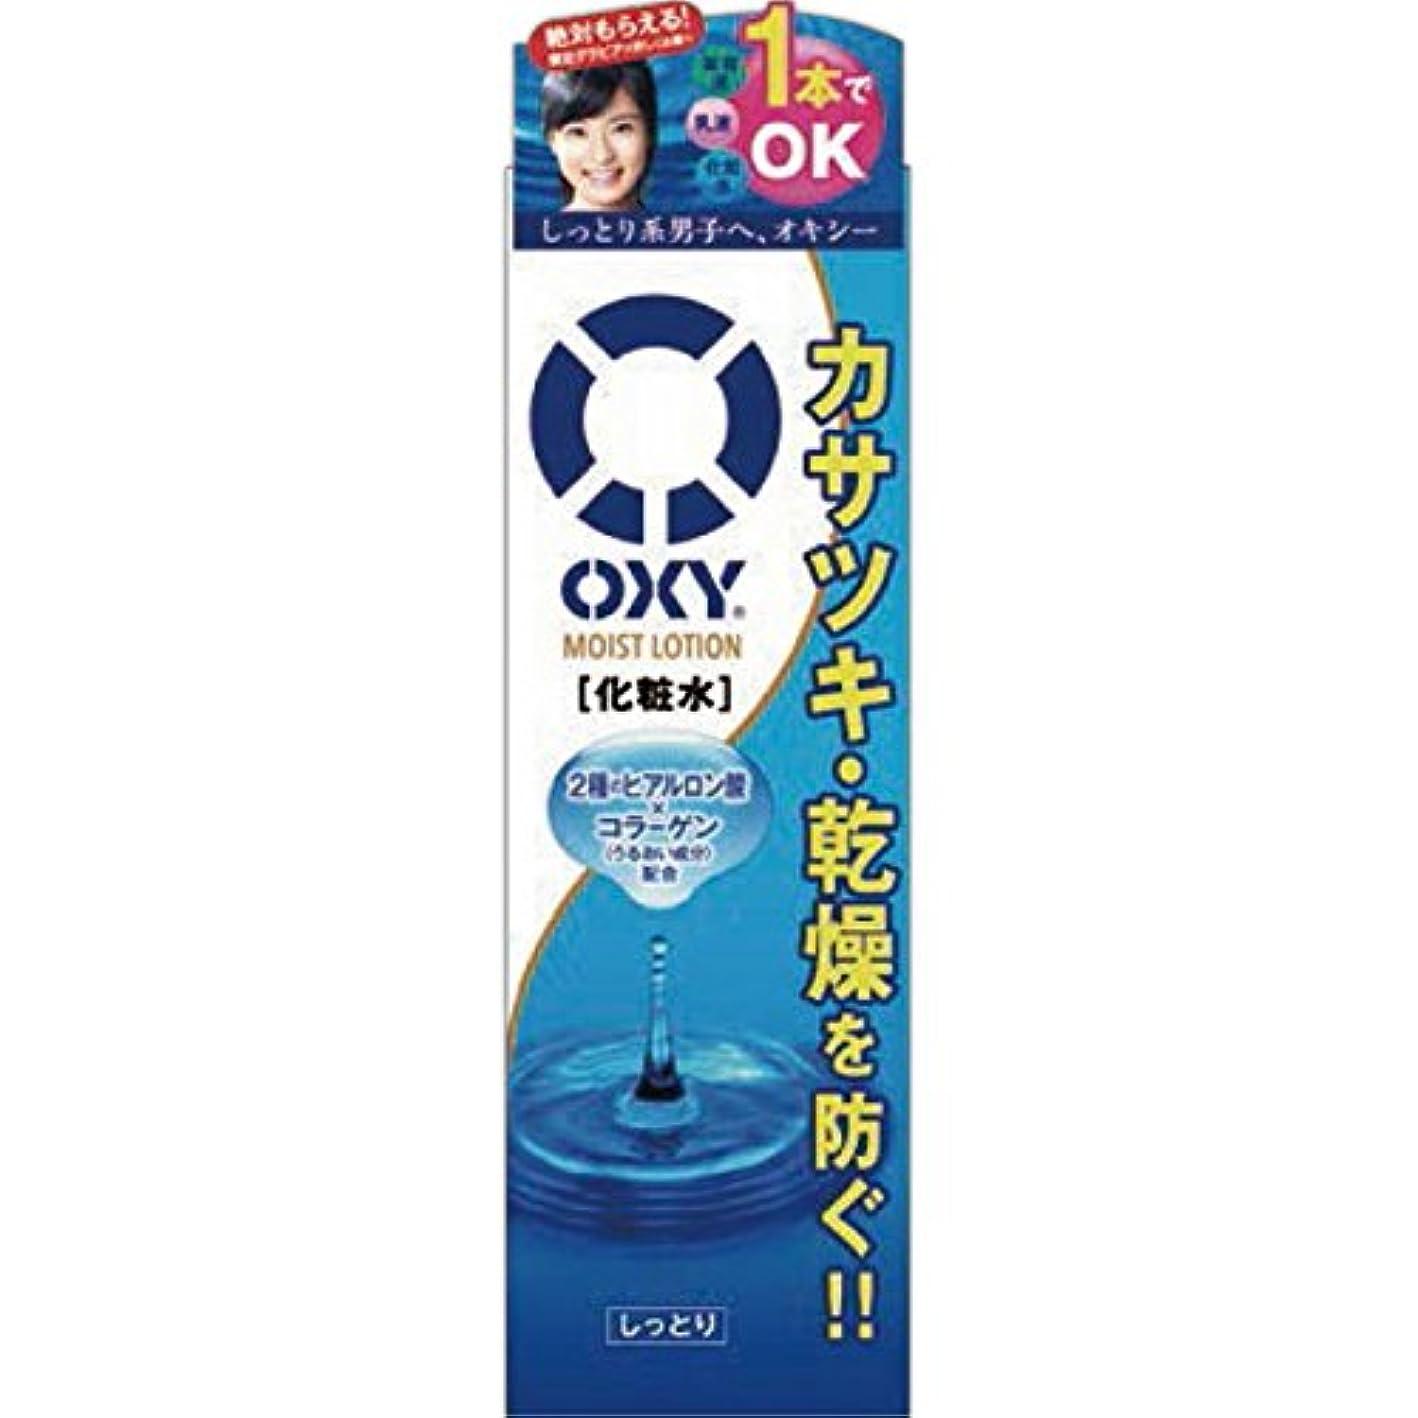 苦コストからかうオキシー (Oxy) モイストローション オールインワン化粧水 2種のヒアルロン酸×コラーゲン配合 ゼラニウムの香 170mL